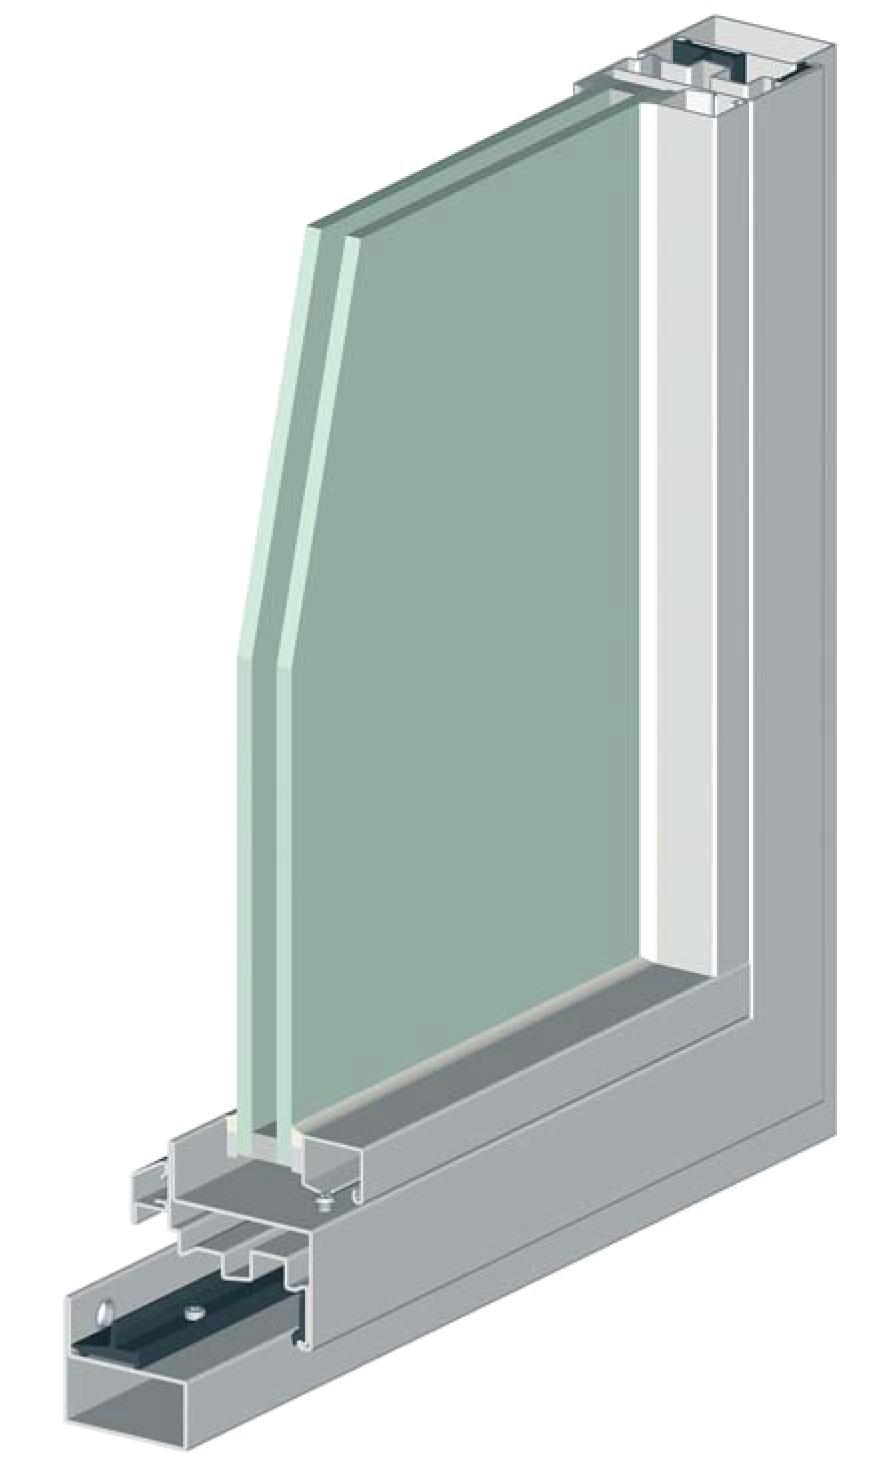 Fenêtre eco 50 inox